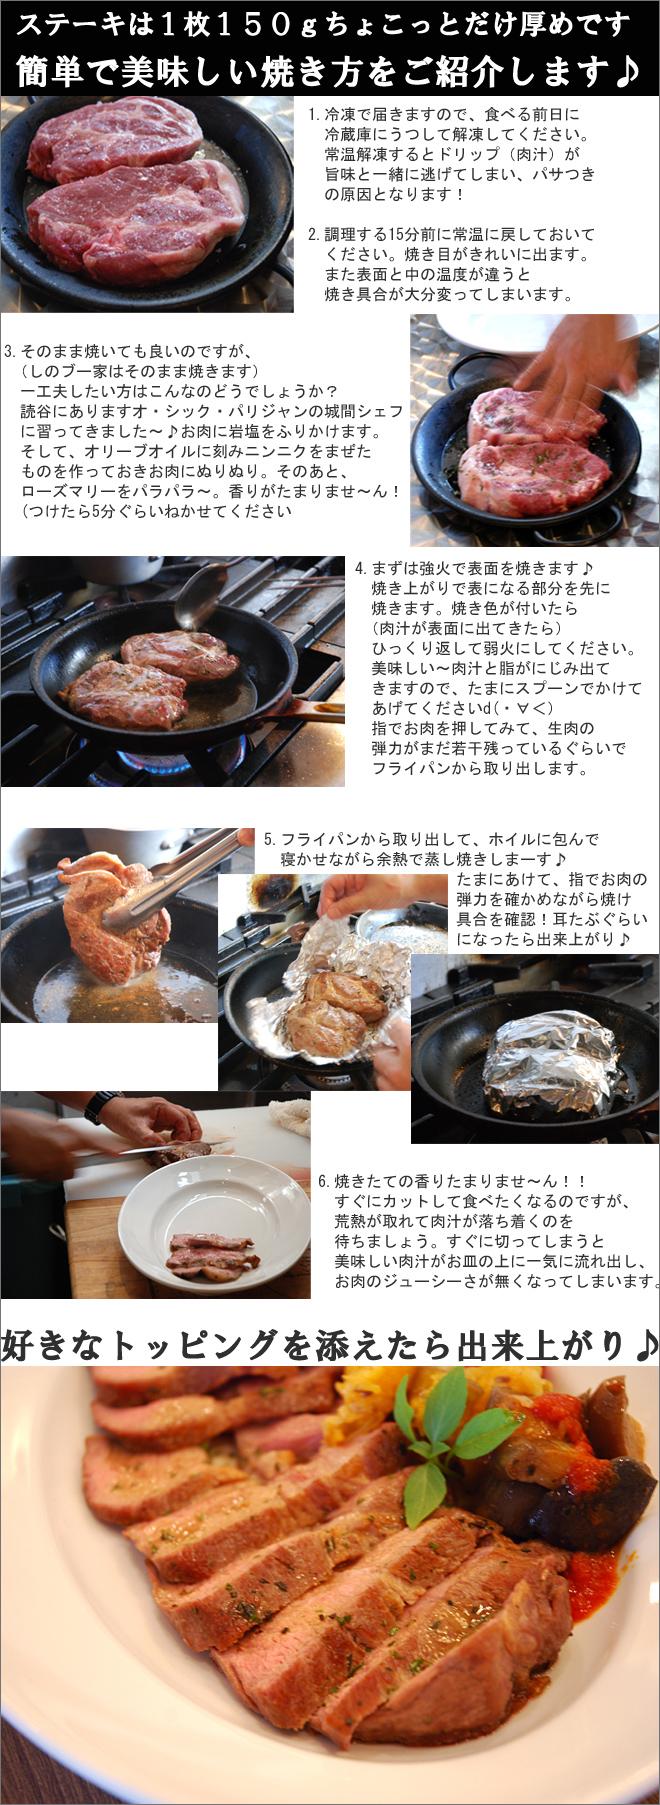 紅あぐーステーキの焼き方